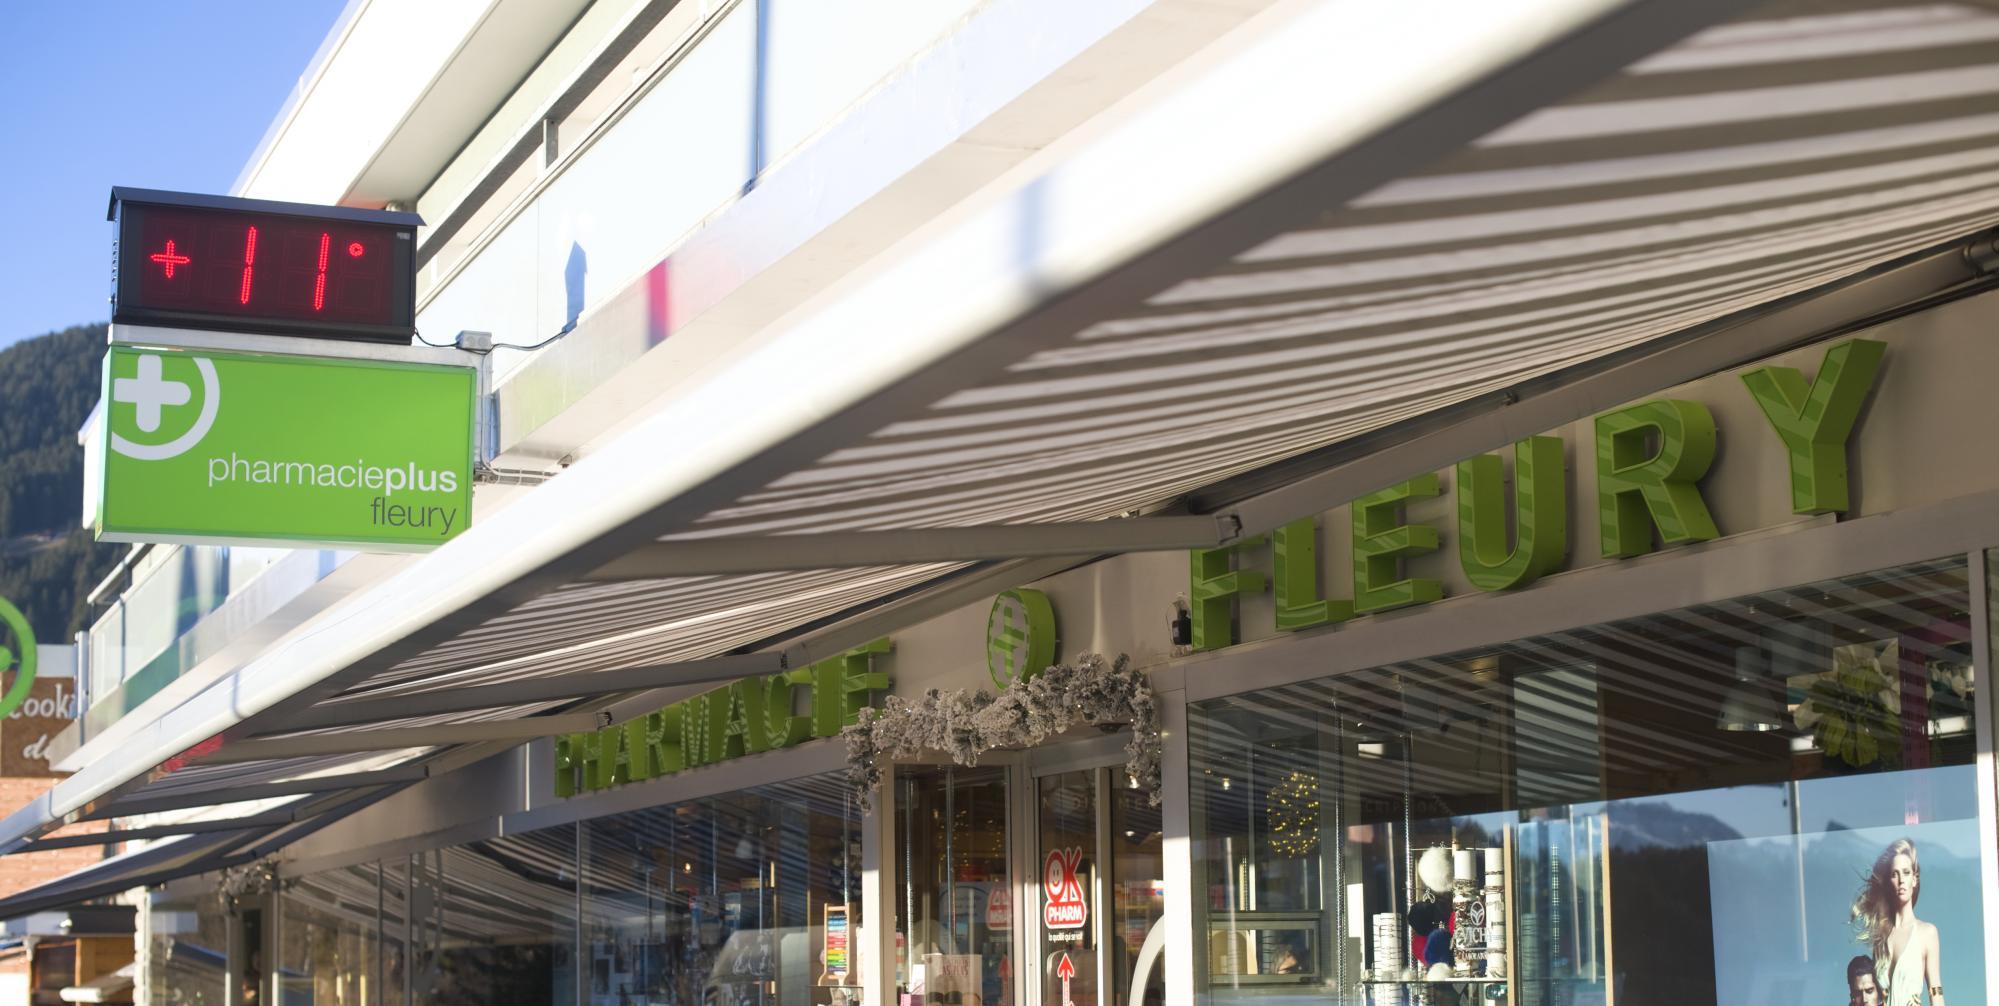 Pharmacie fleury villars gryon les diablerets bex suisse - Office tourisme diablerets ...